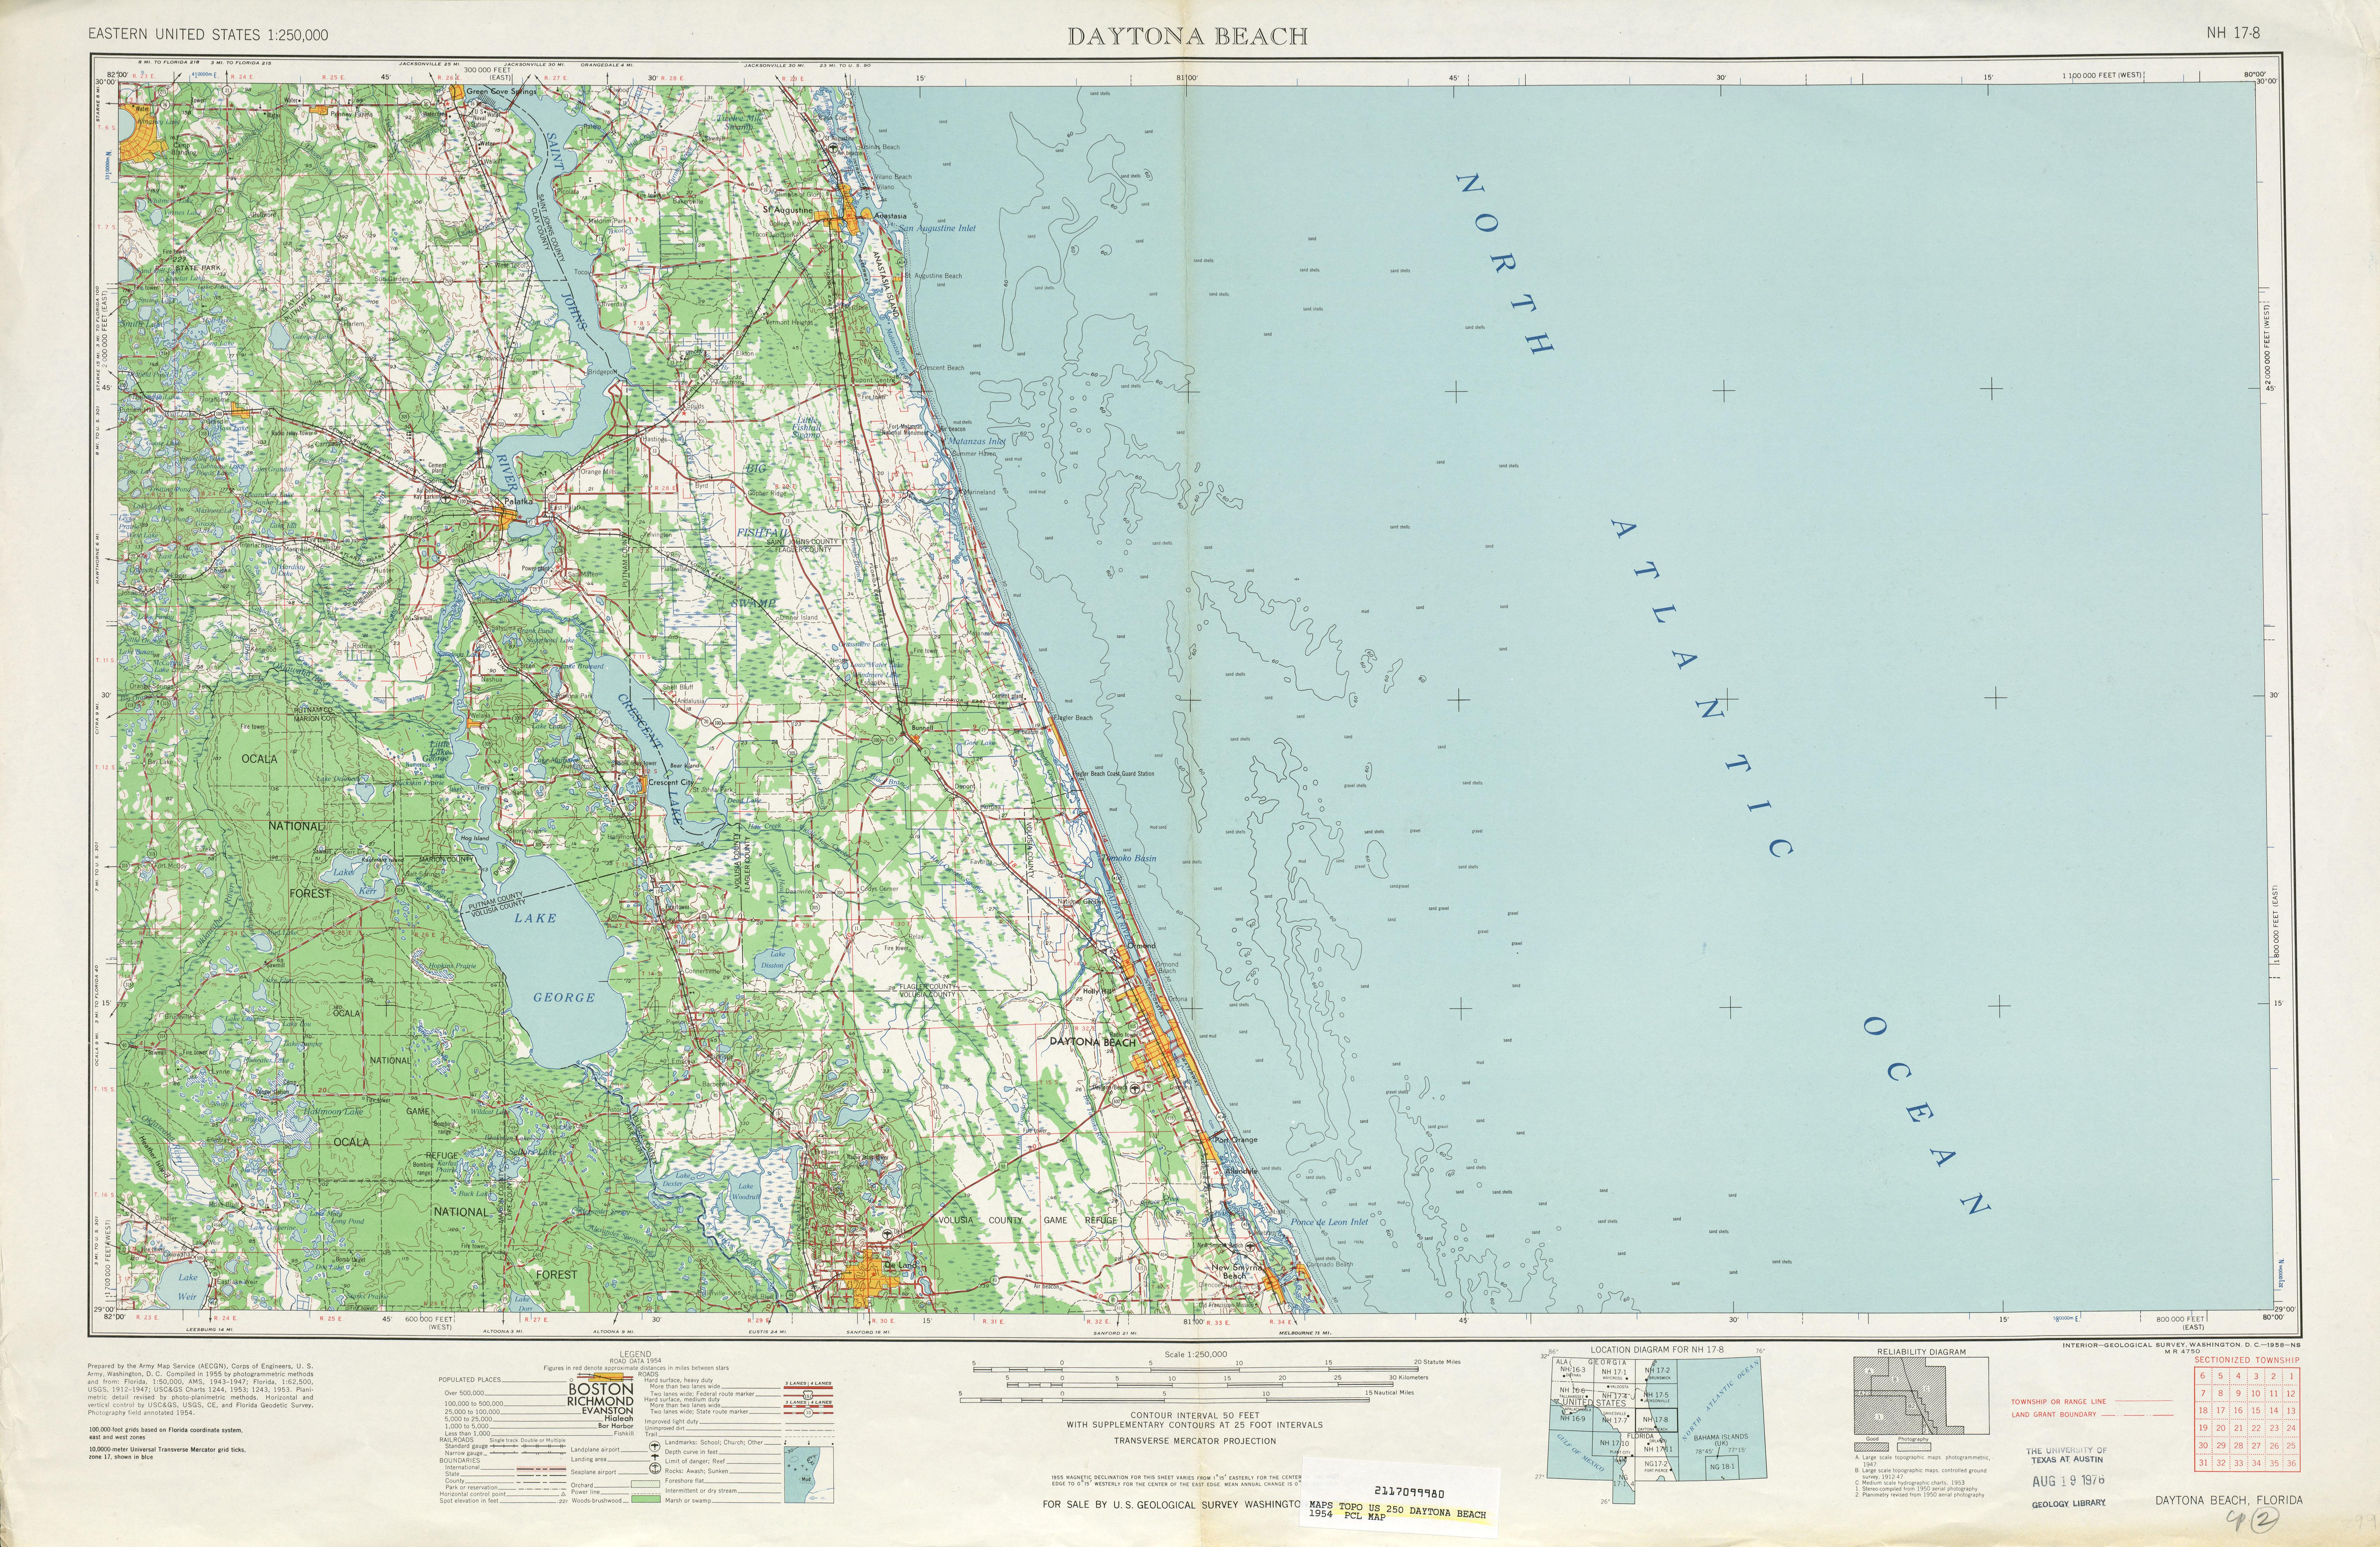 Hoja Daytona Beach del Mapa Topográfico de los Estados Unidos 1954